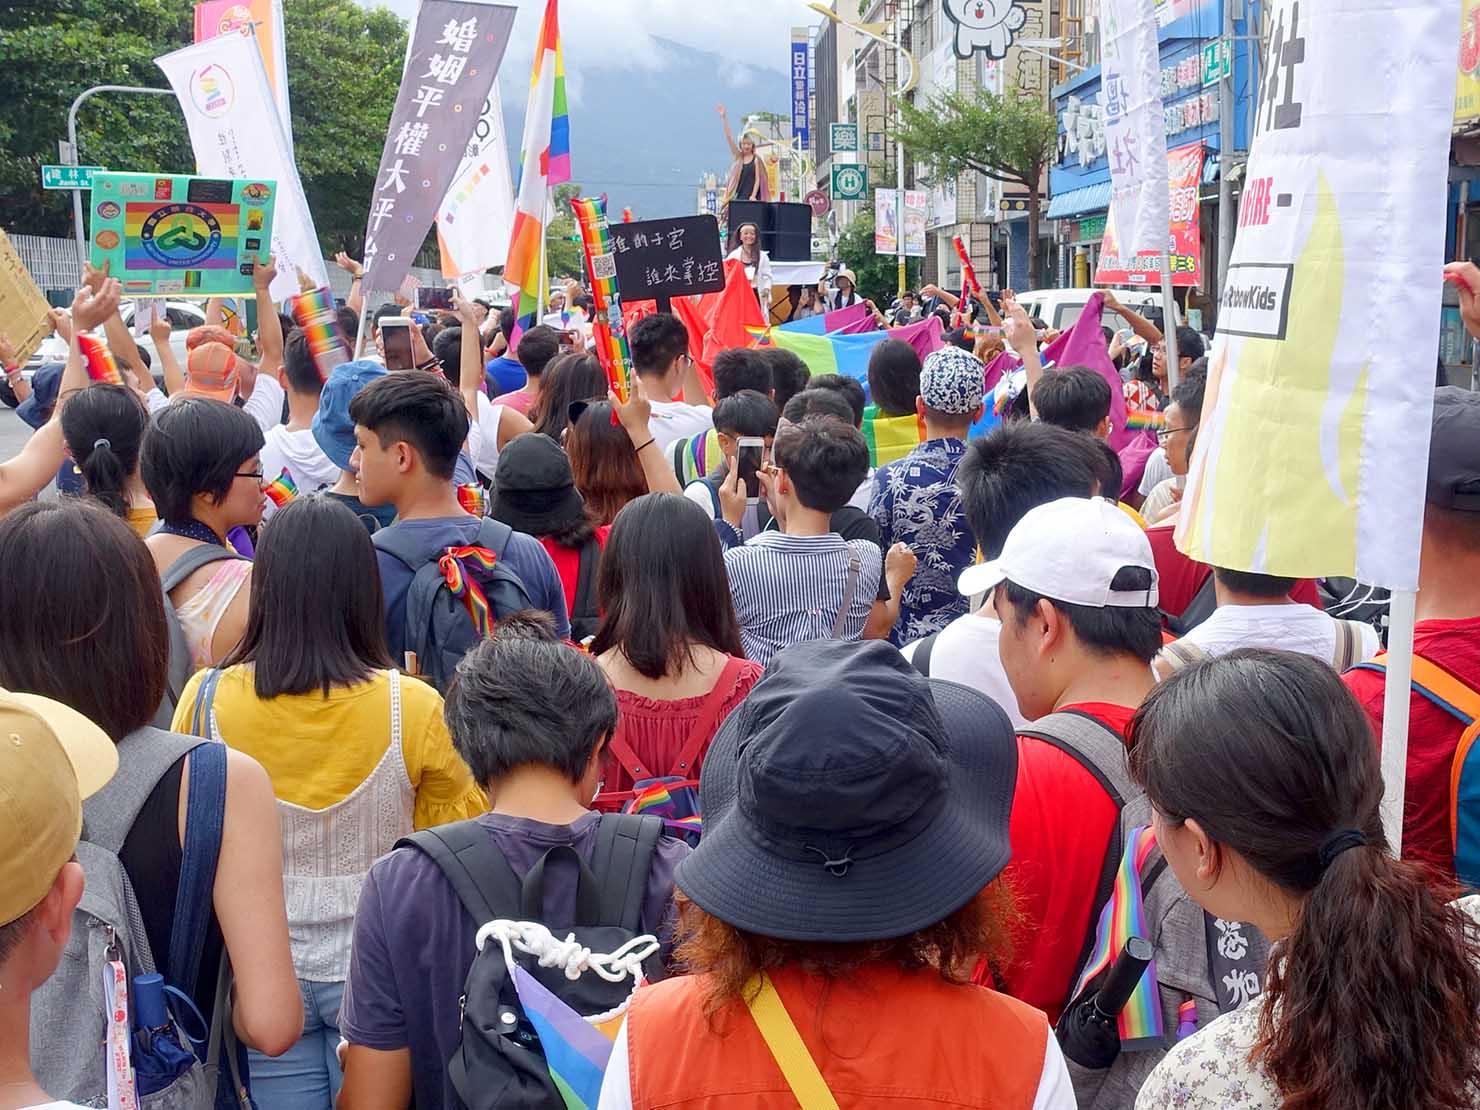 花東彩虹嘉年華(台湾東部LGBTプライド)のパレードカーに続く参加者たち